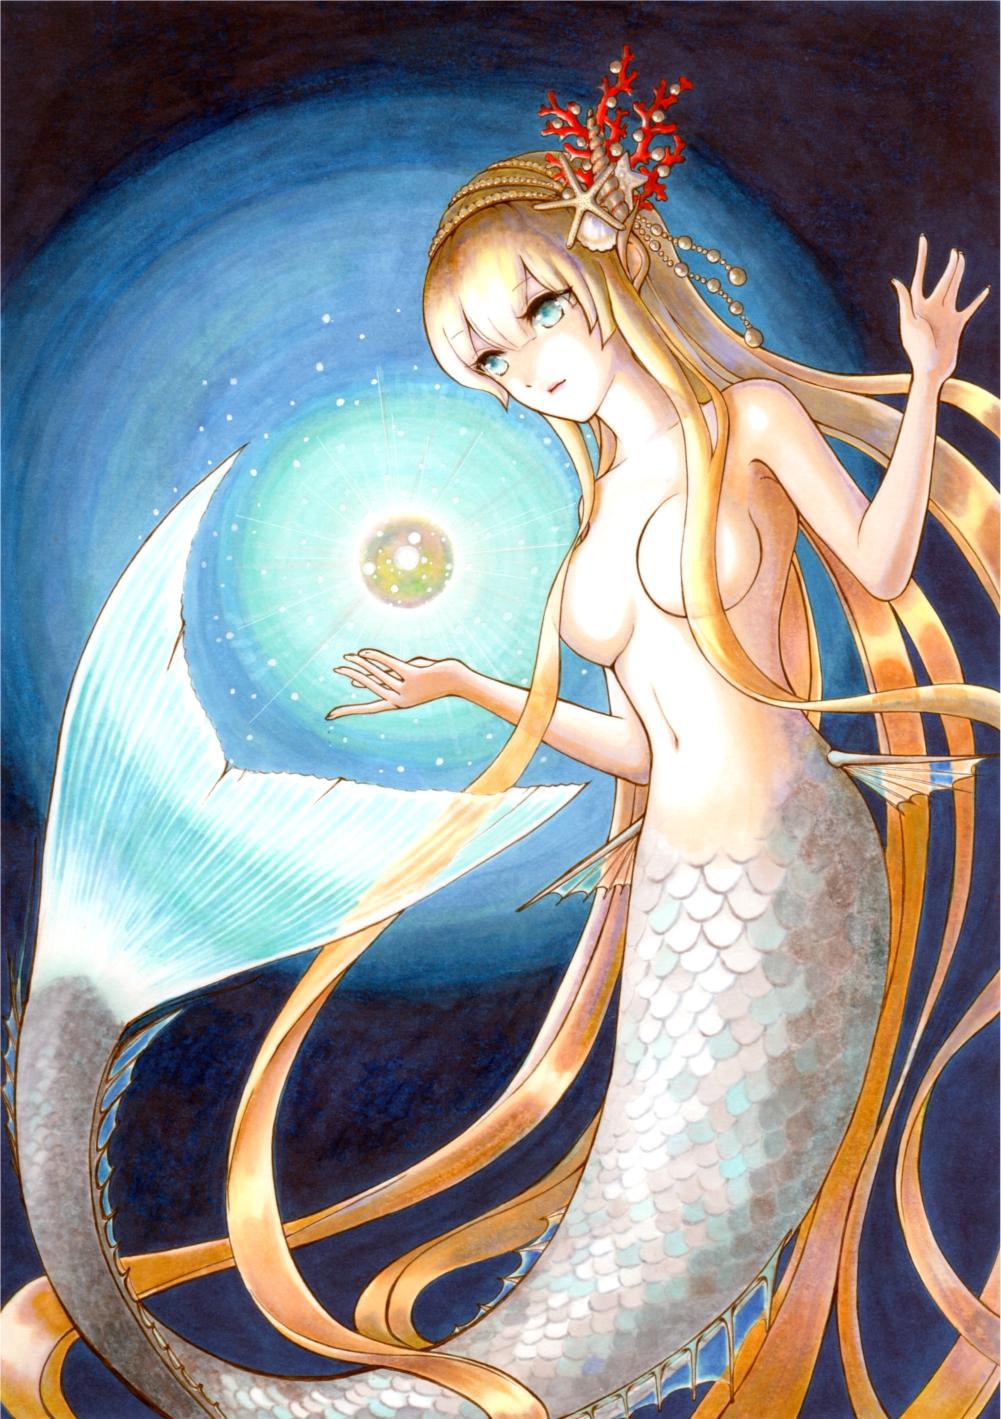 美人鱼真的存在吗照片 海洋真实的美人鱼图片